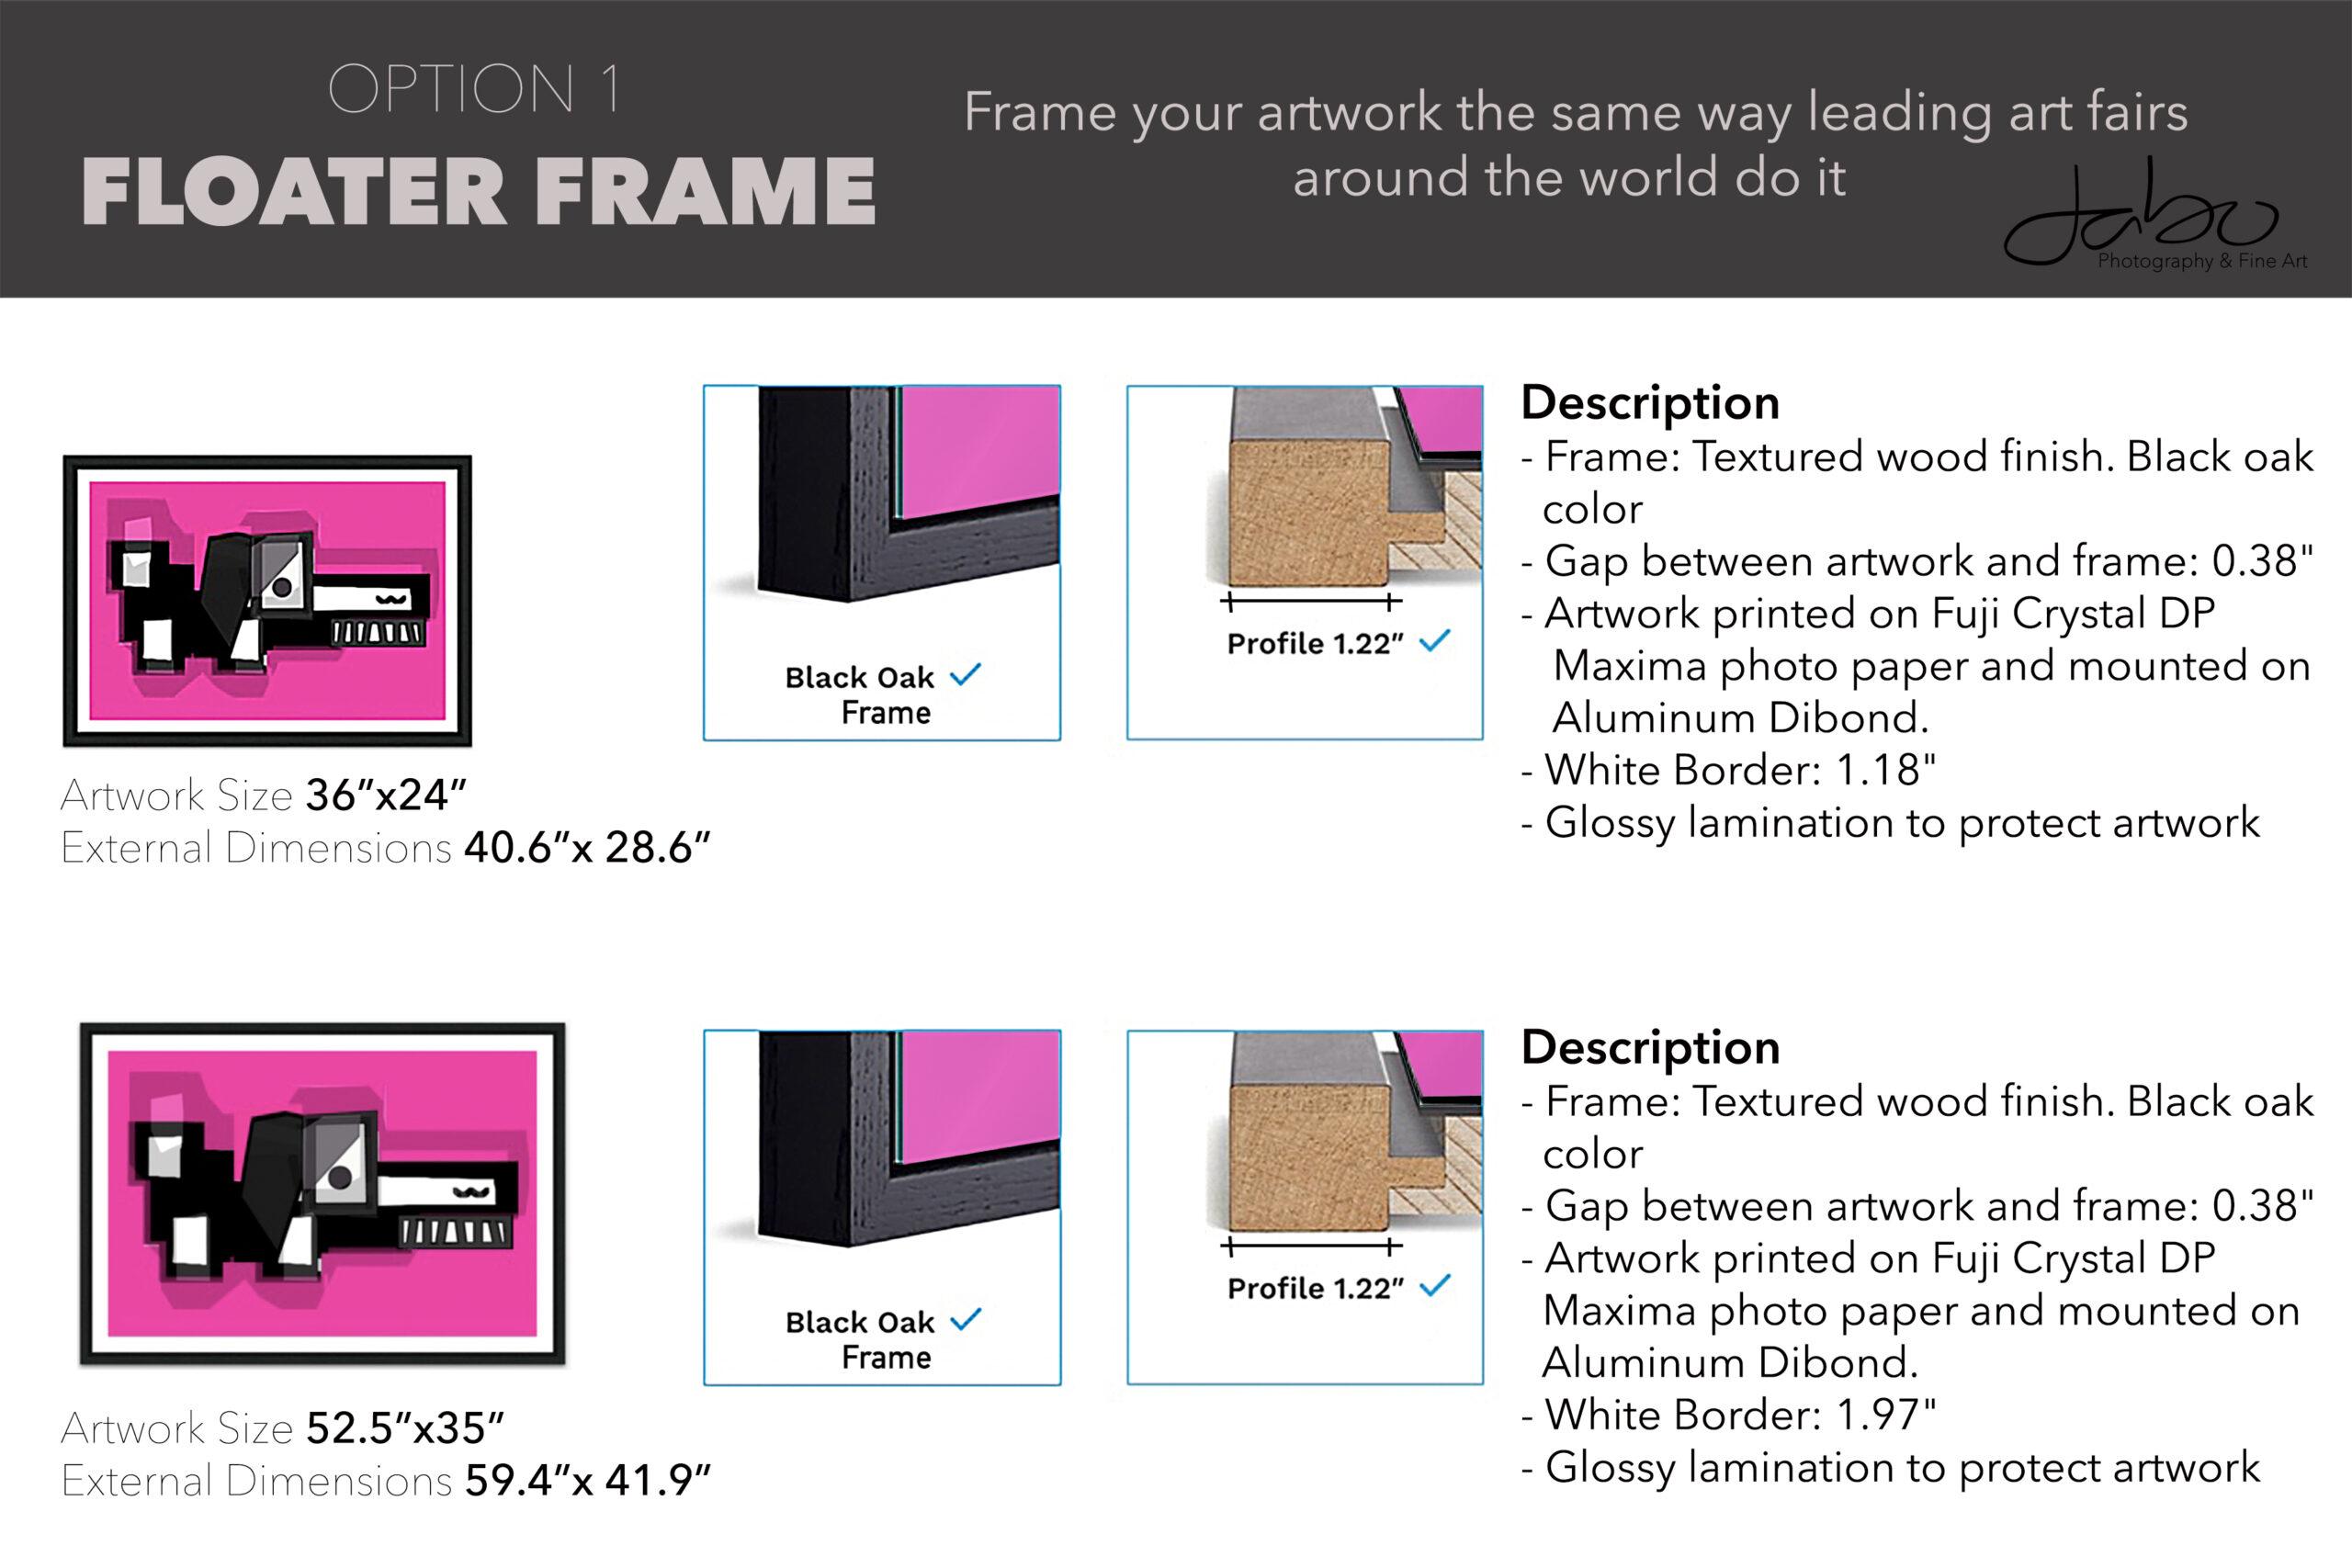 Floater Frame Option 1